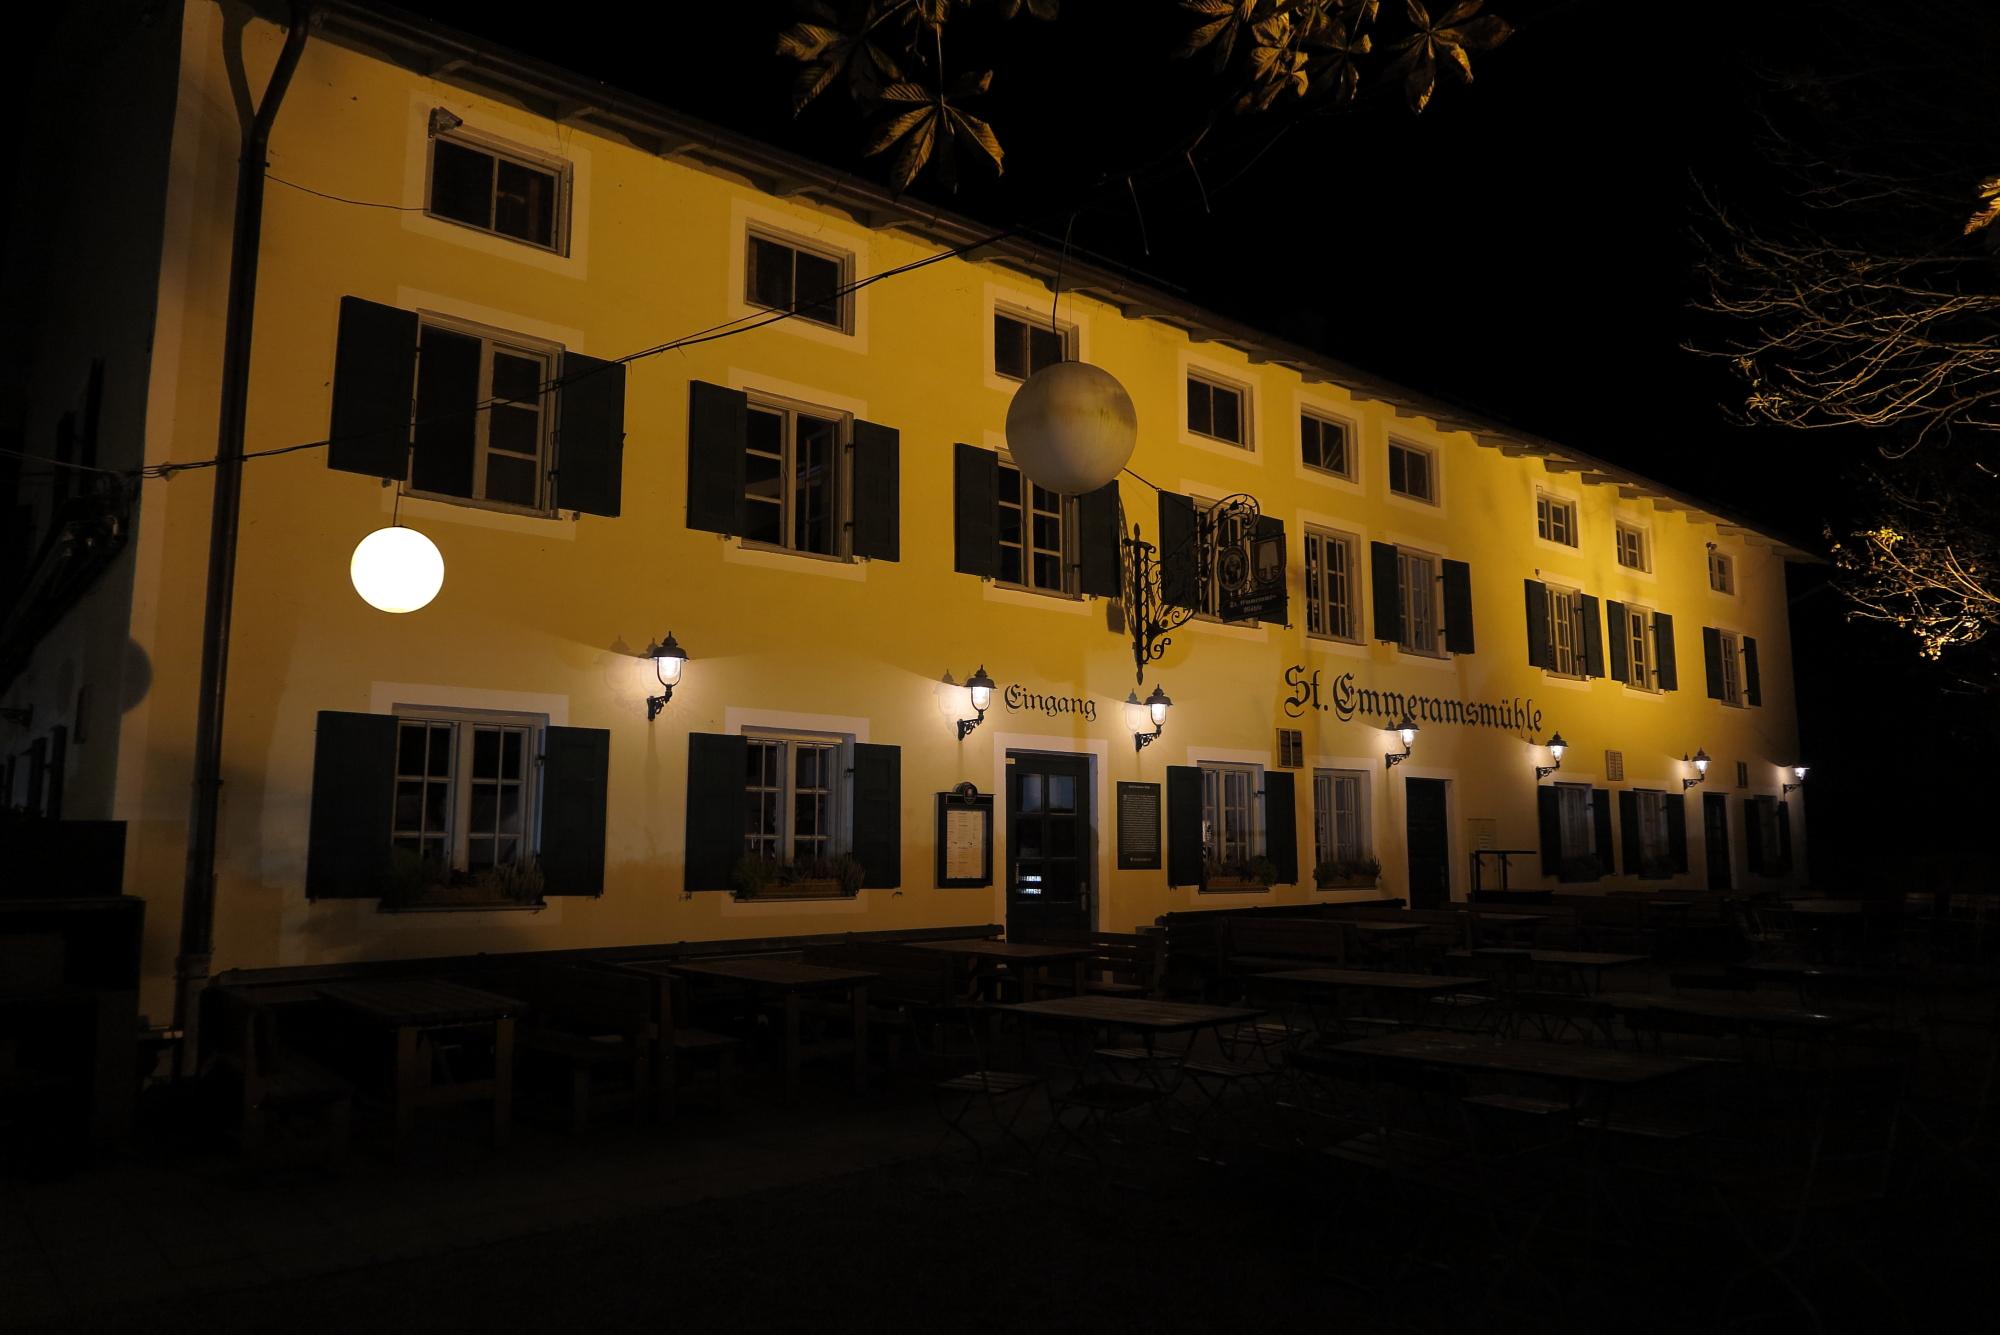 Sankt Emmeramsmühle bei Nacht